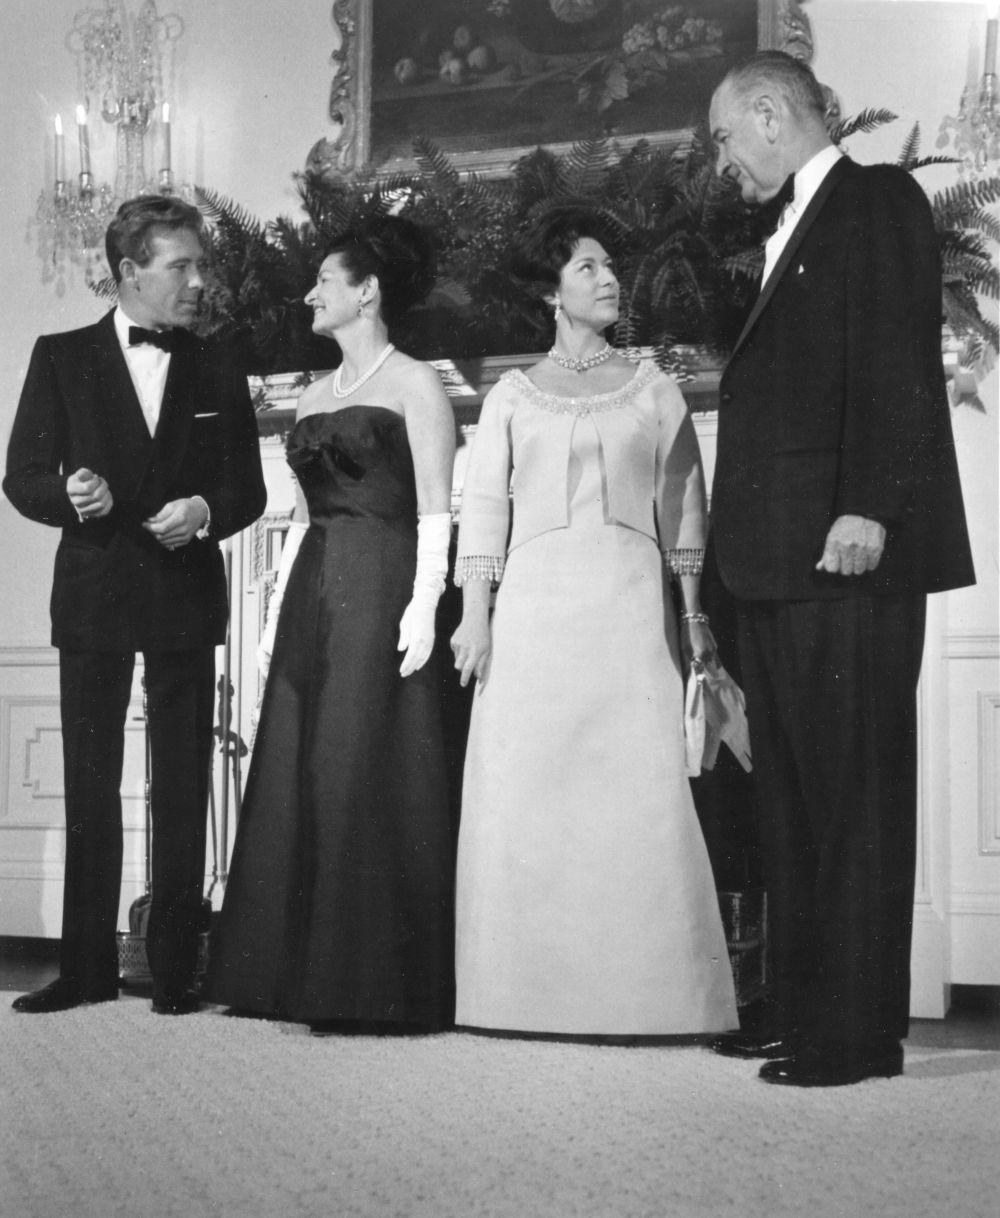 La princesa Margarita y el presidente Johnson en la Casablanca.